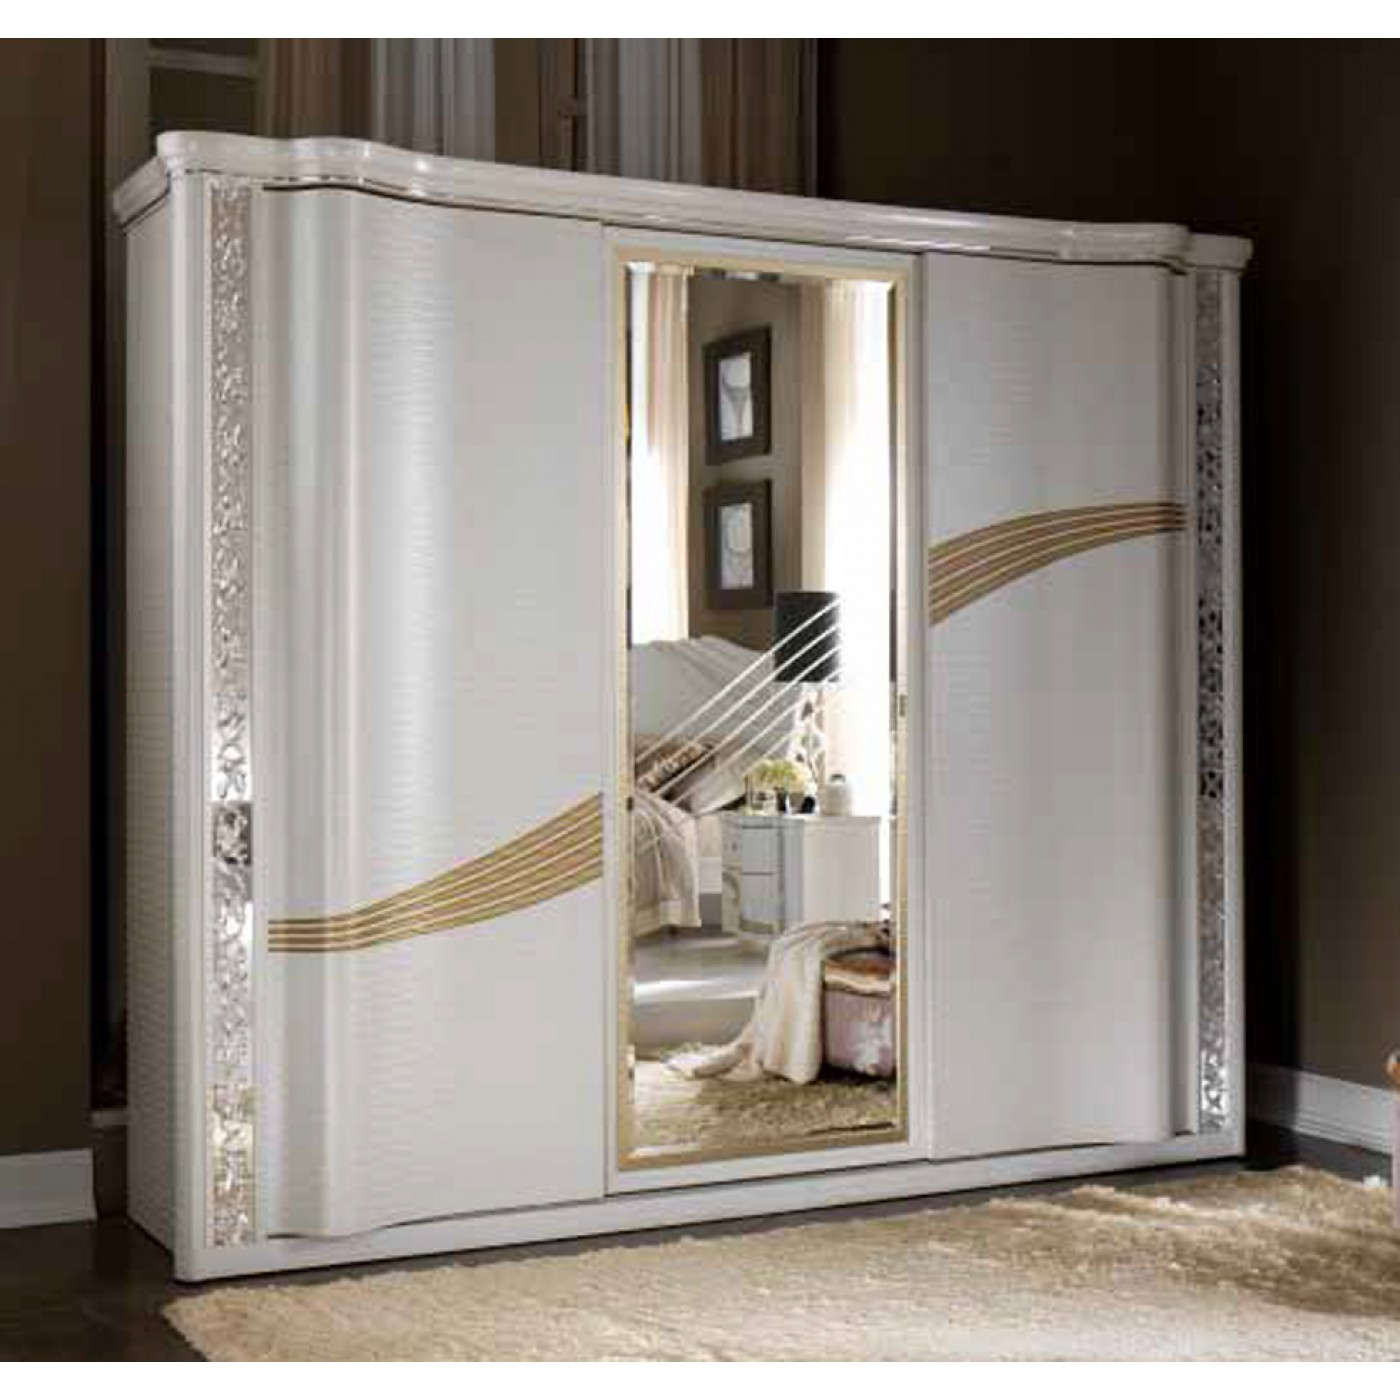 Шкаф-купе в спальню фото зеркальный трёхстворчатый белый.